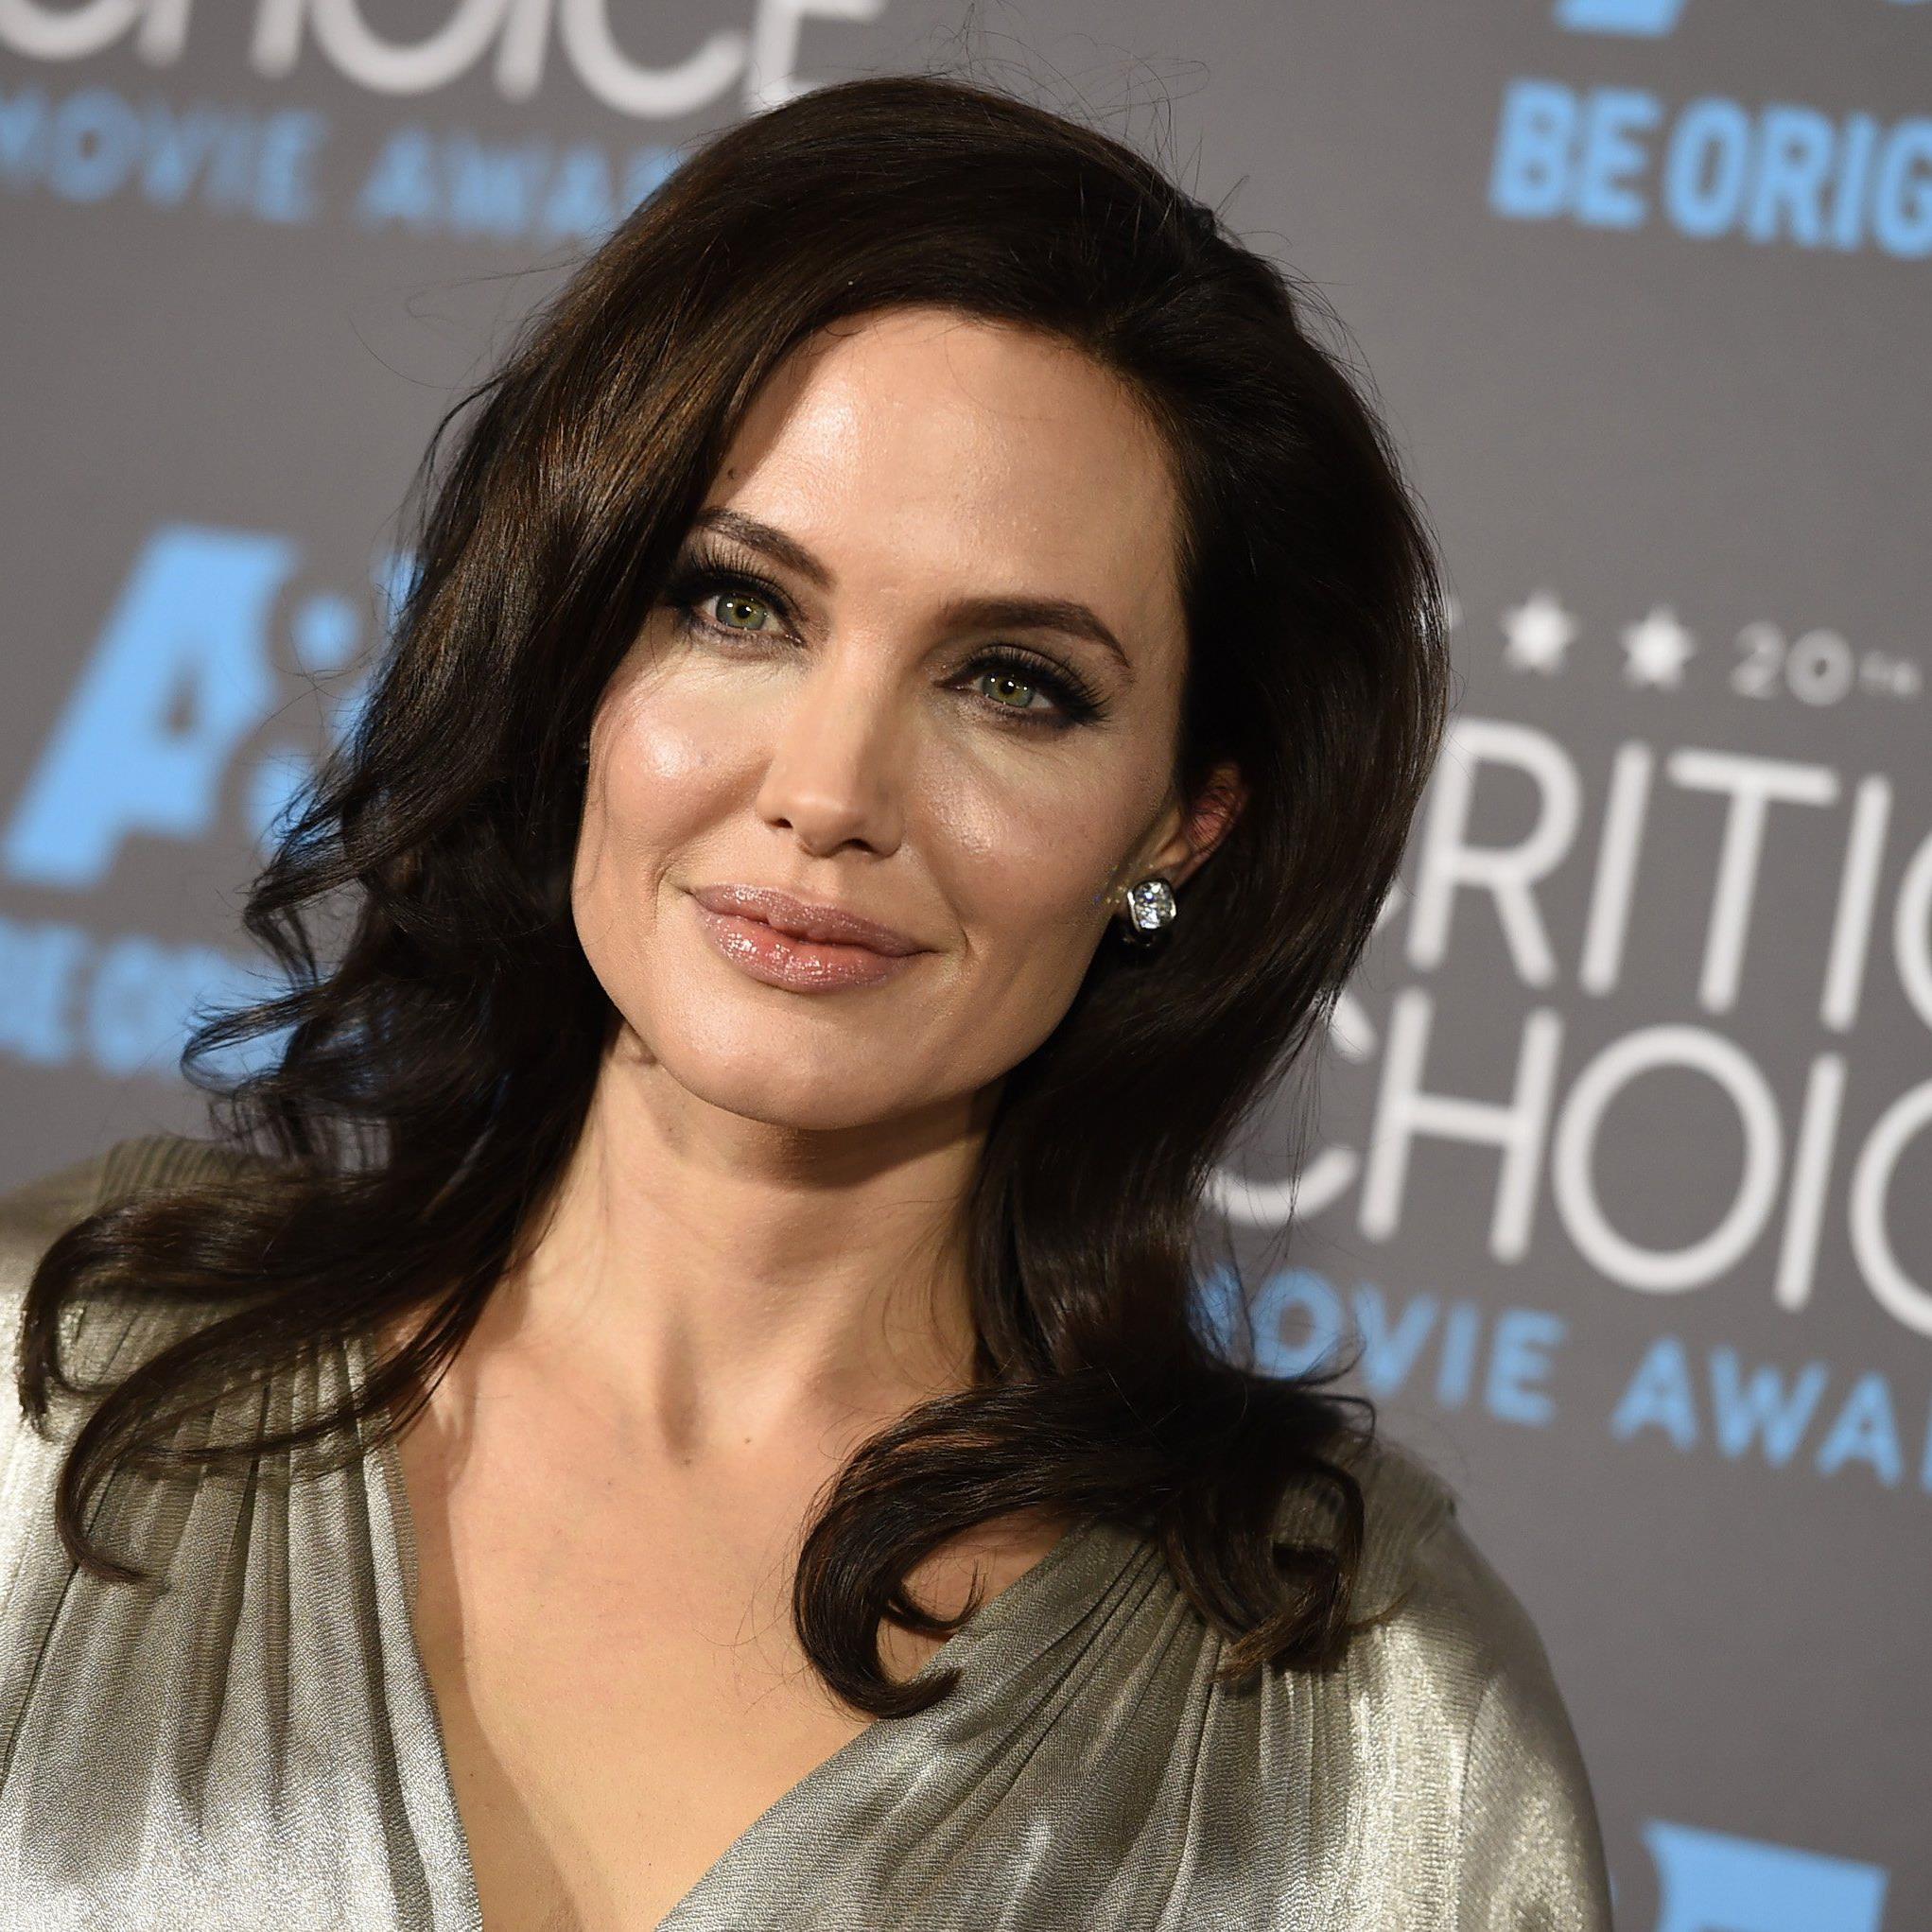 Hohes Krebsrisiko: Angelina Jolie ließ sich nach der Brust auch die Eierstöcke entfernen.